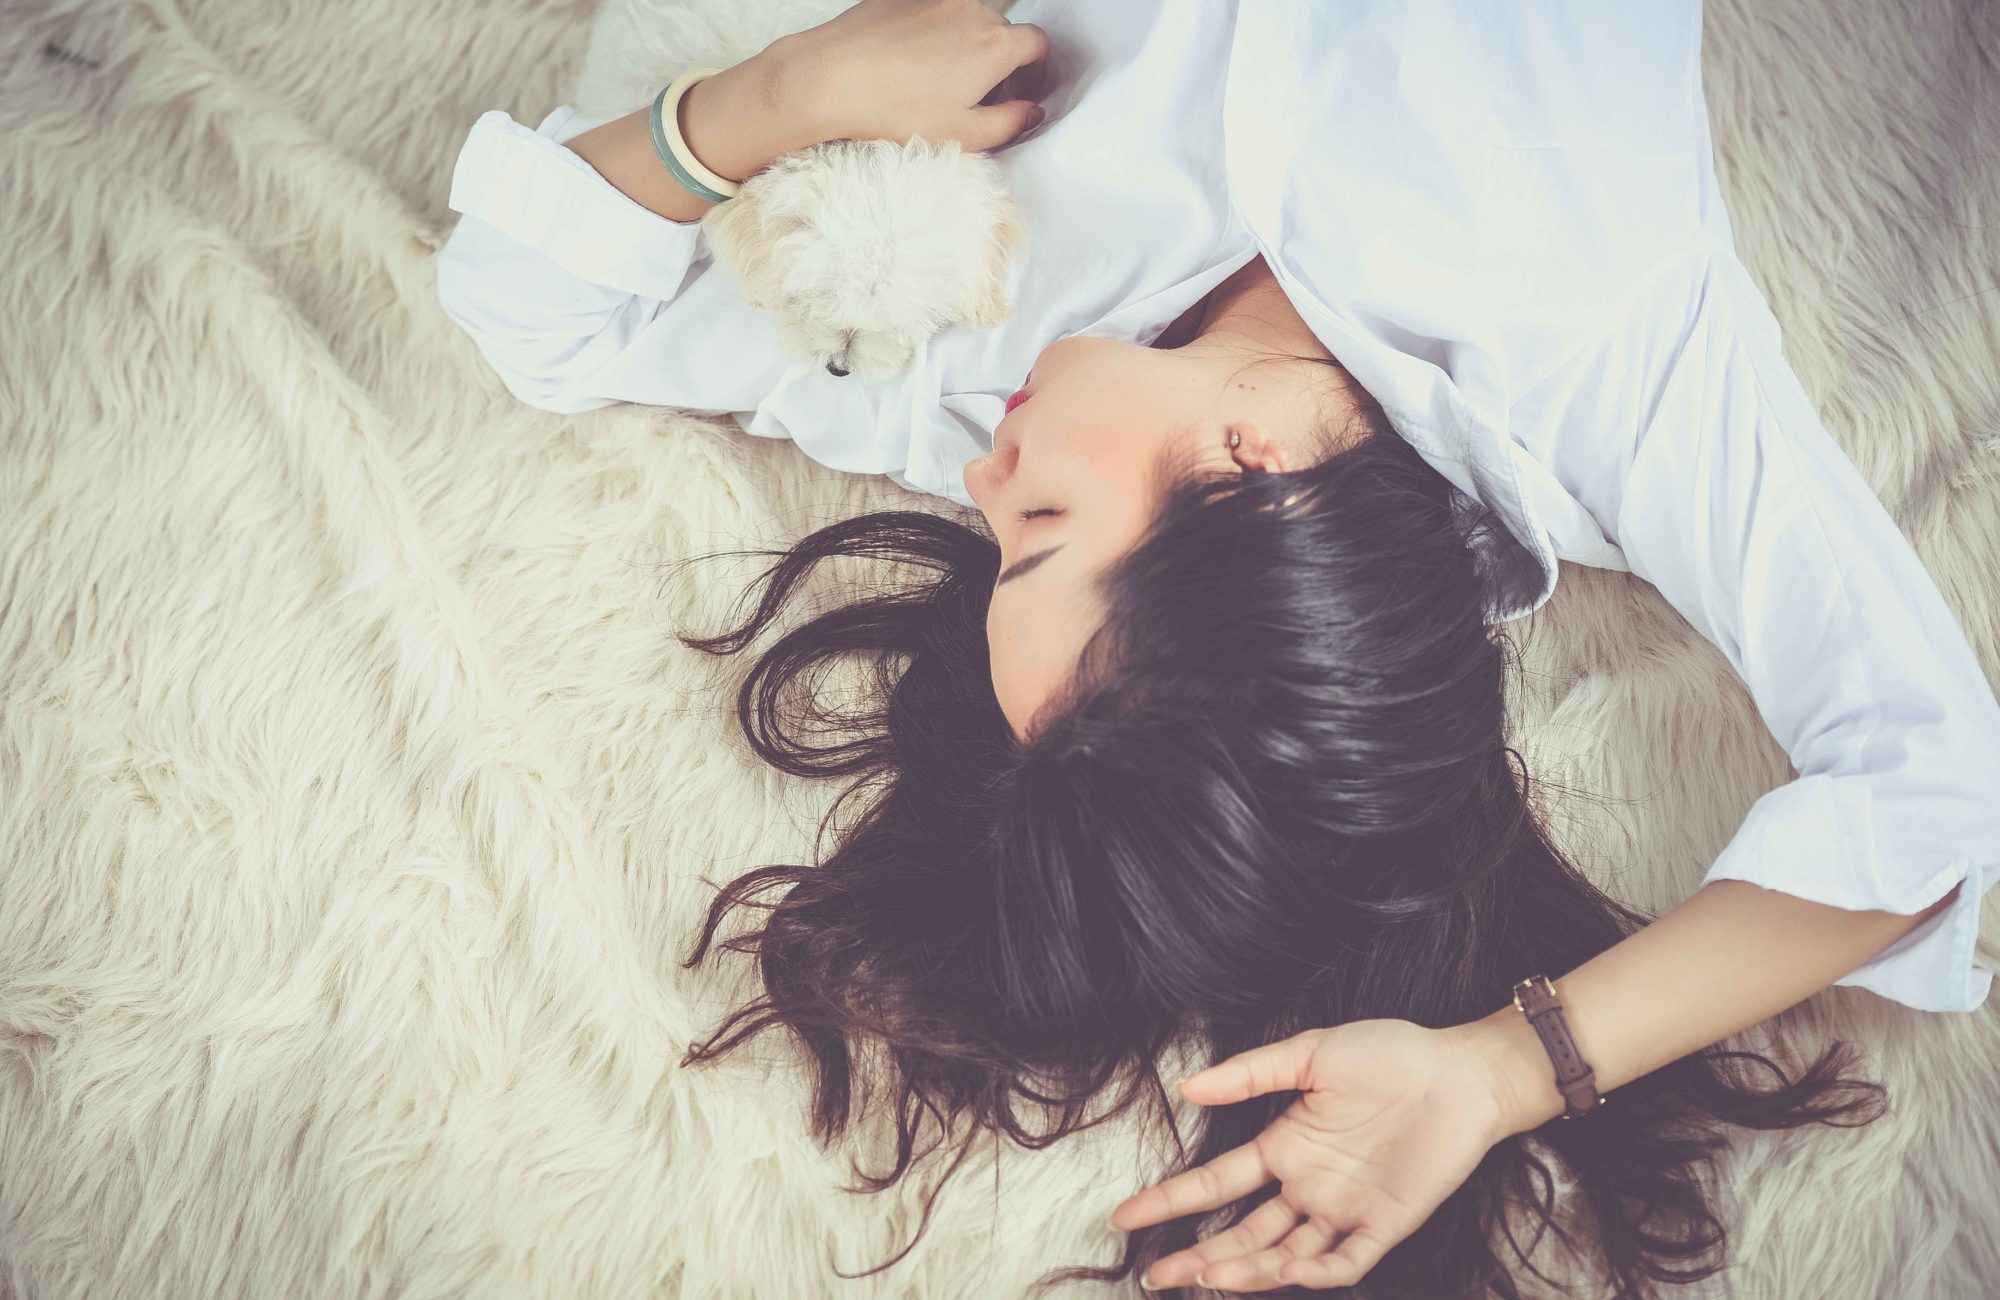 femme endormi sur un lit avec un petit chien blanc dans les bras